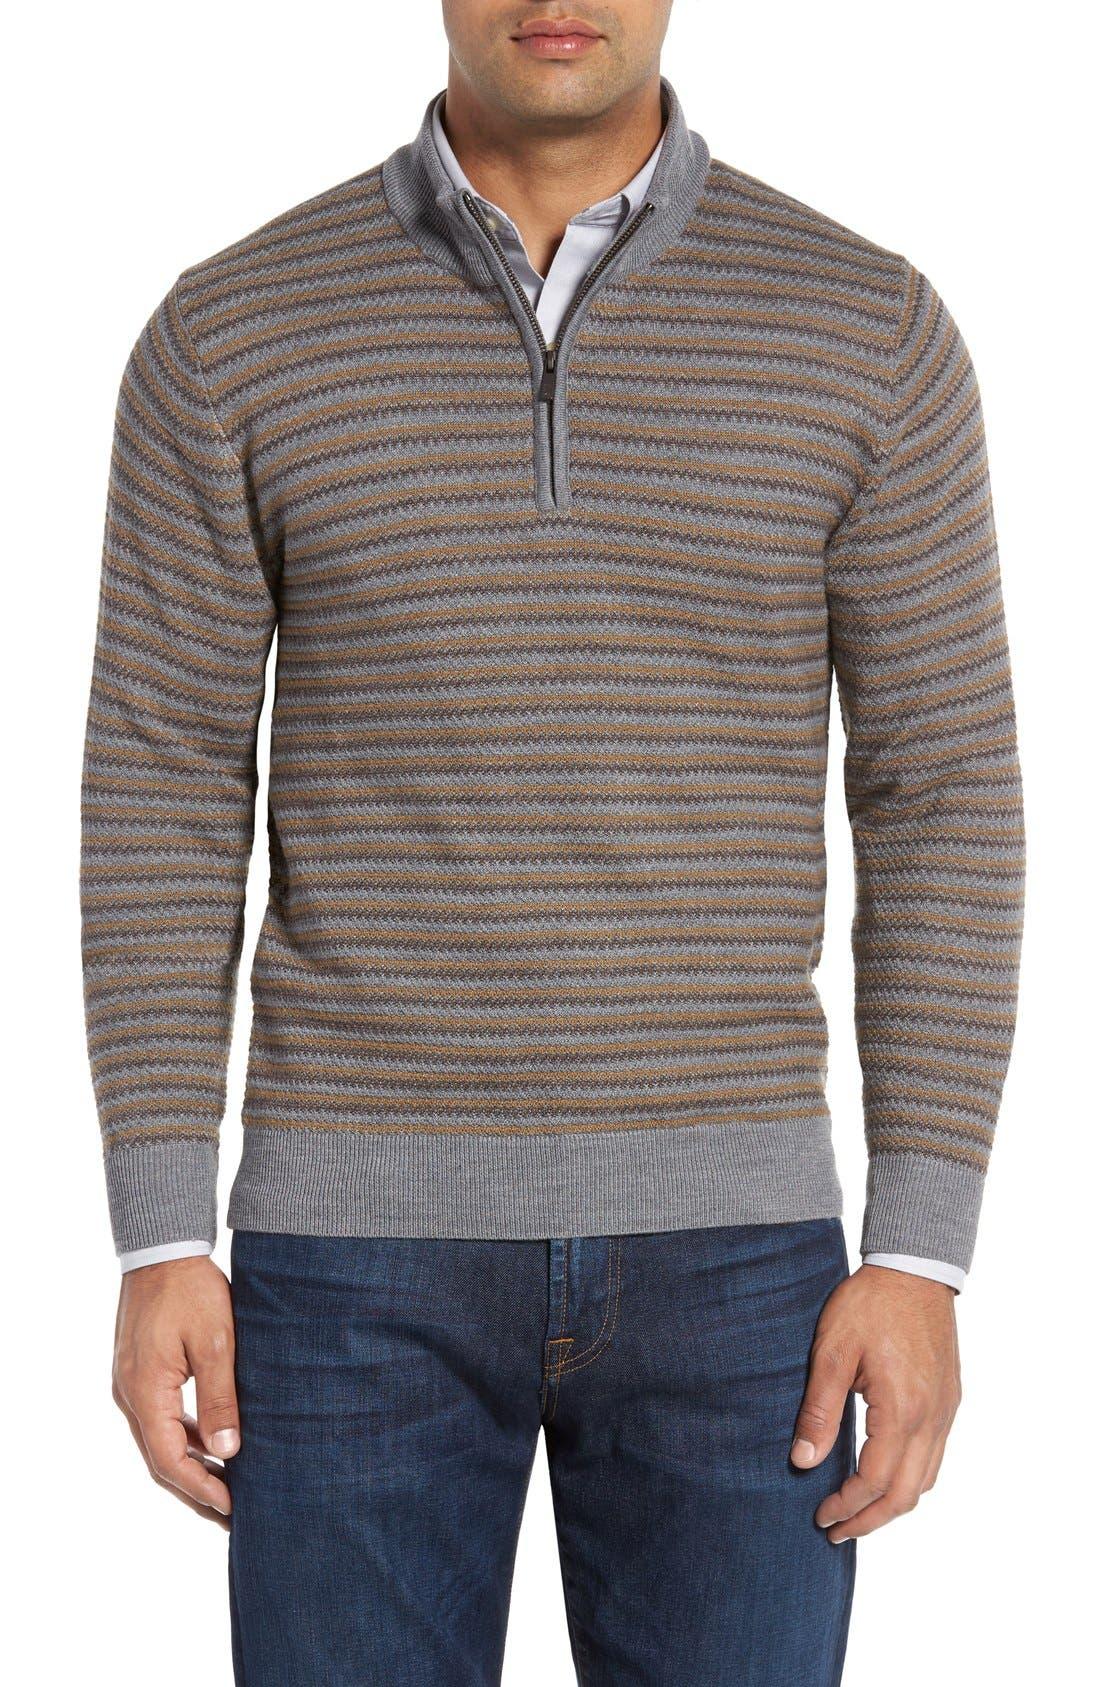 Main Image - Cutter & Buck 'Douglas Range' Quarter Zip Stripe Wool Blend Sweater (Big & Tall)